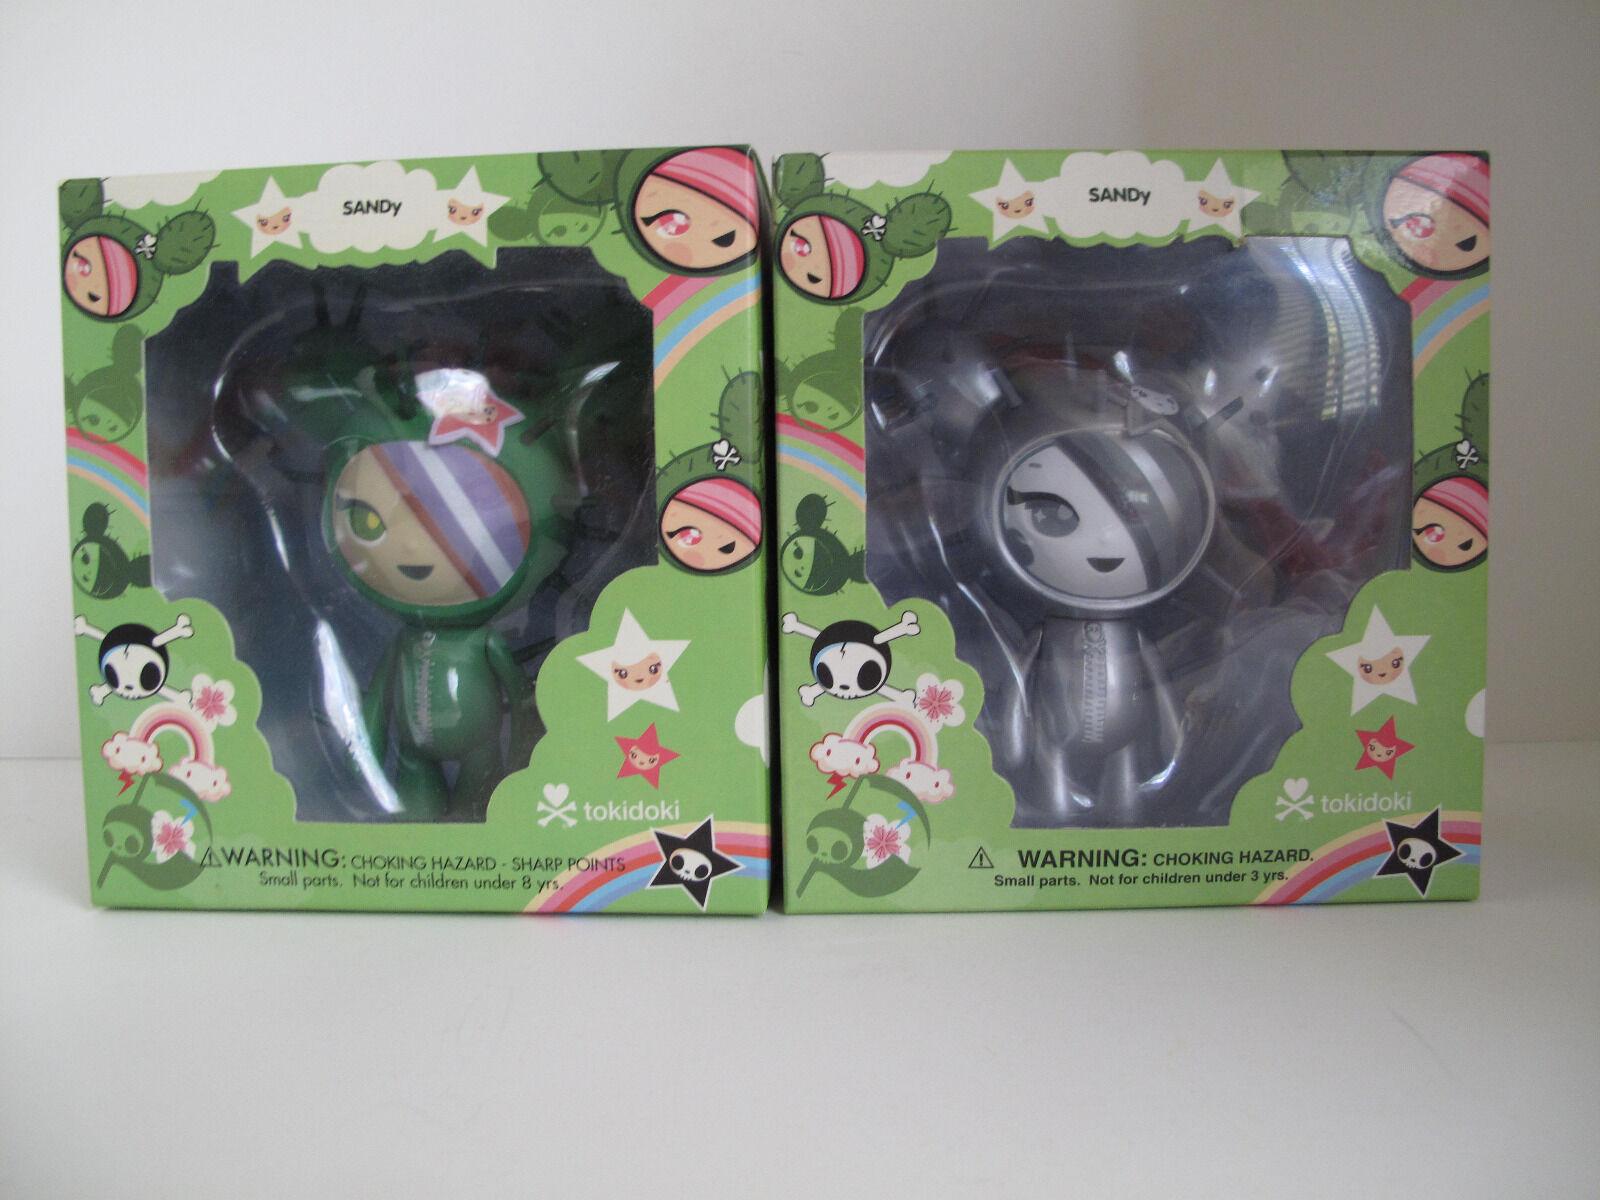 mejor precio Tokidoki Cactus Amigos Sandy Sandy Sandy & Platino Sandy Sdcc por Strangeco  el estilo clásico